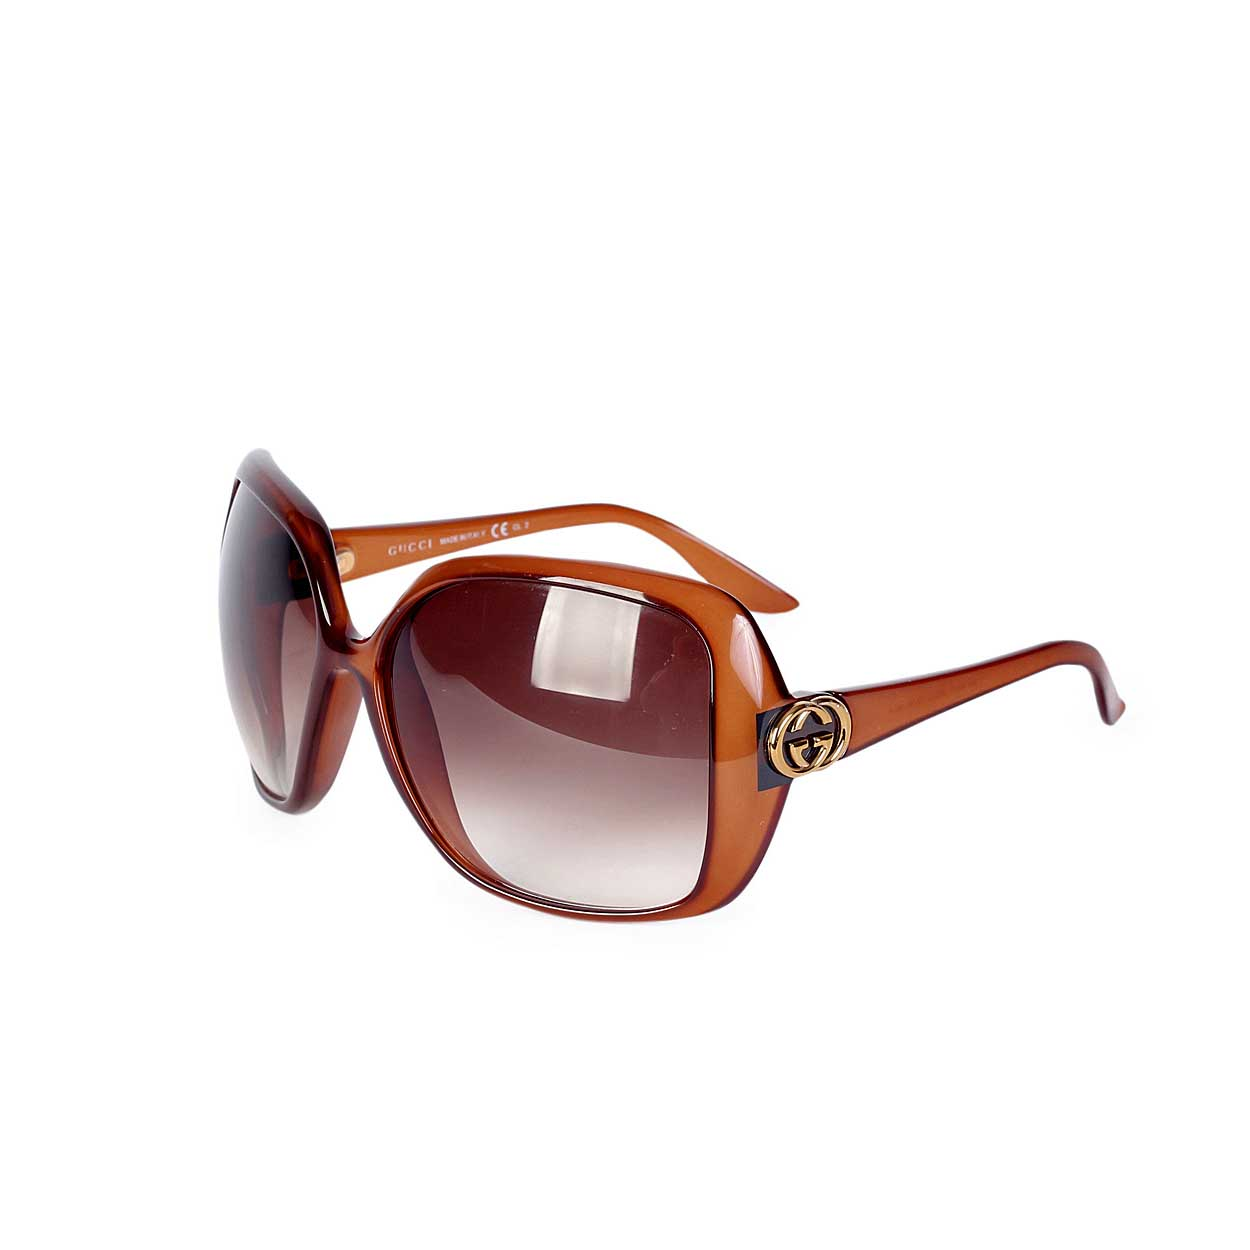 3681b8d2e78 GUCCI Oversized Sunglasses GG3167 Brown